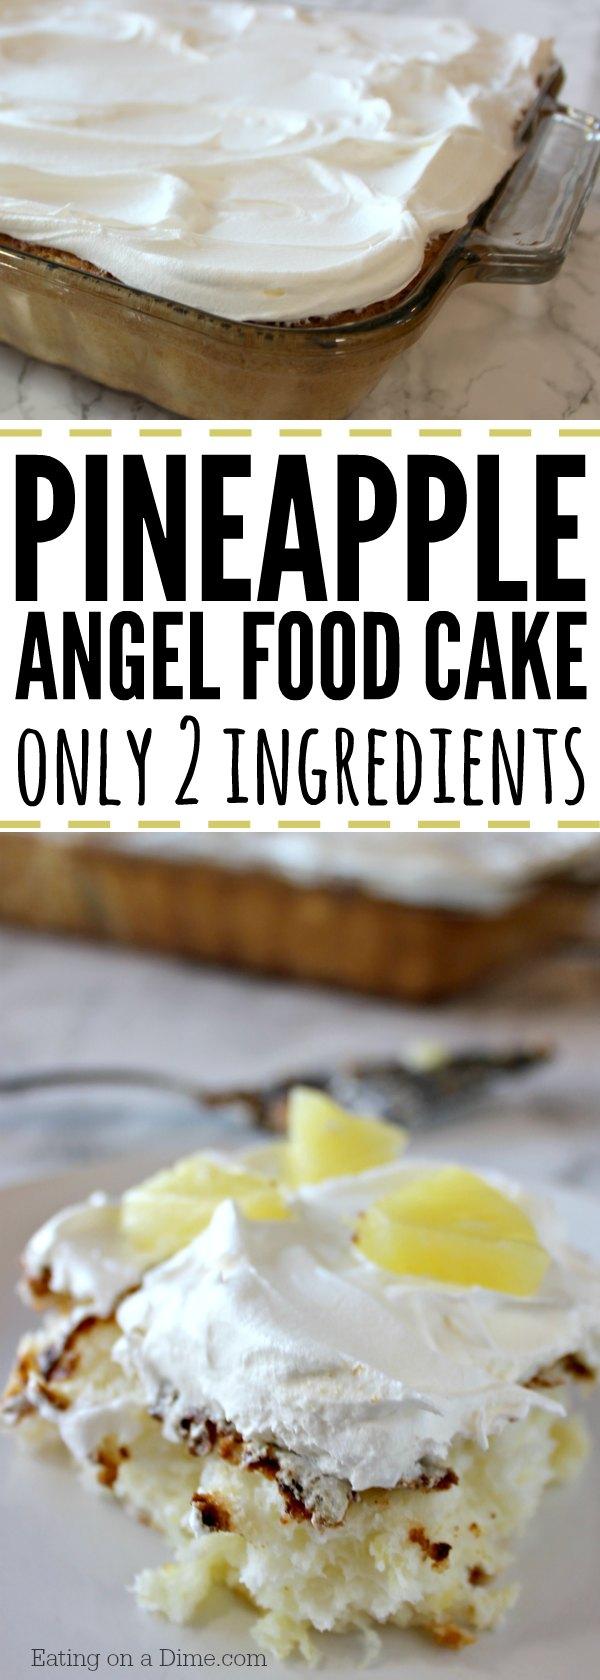 2 Ingredients Pineapple Angel Food Cake Recipe Eating On